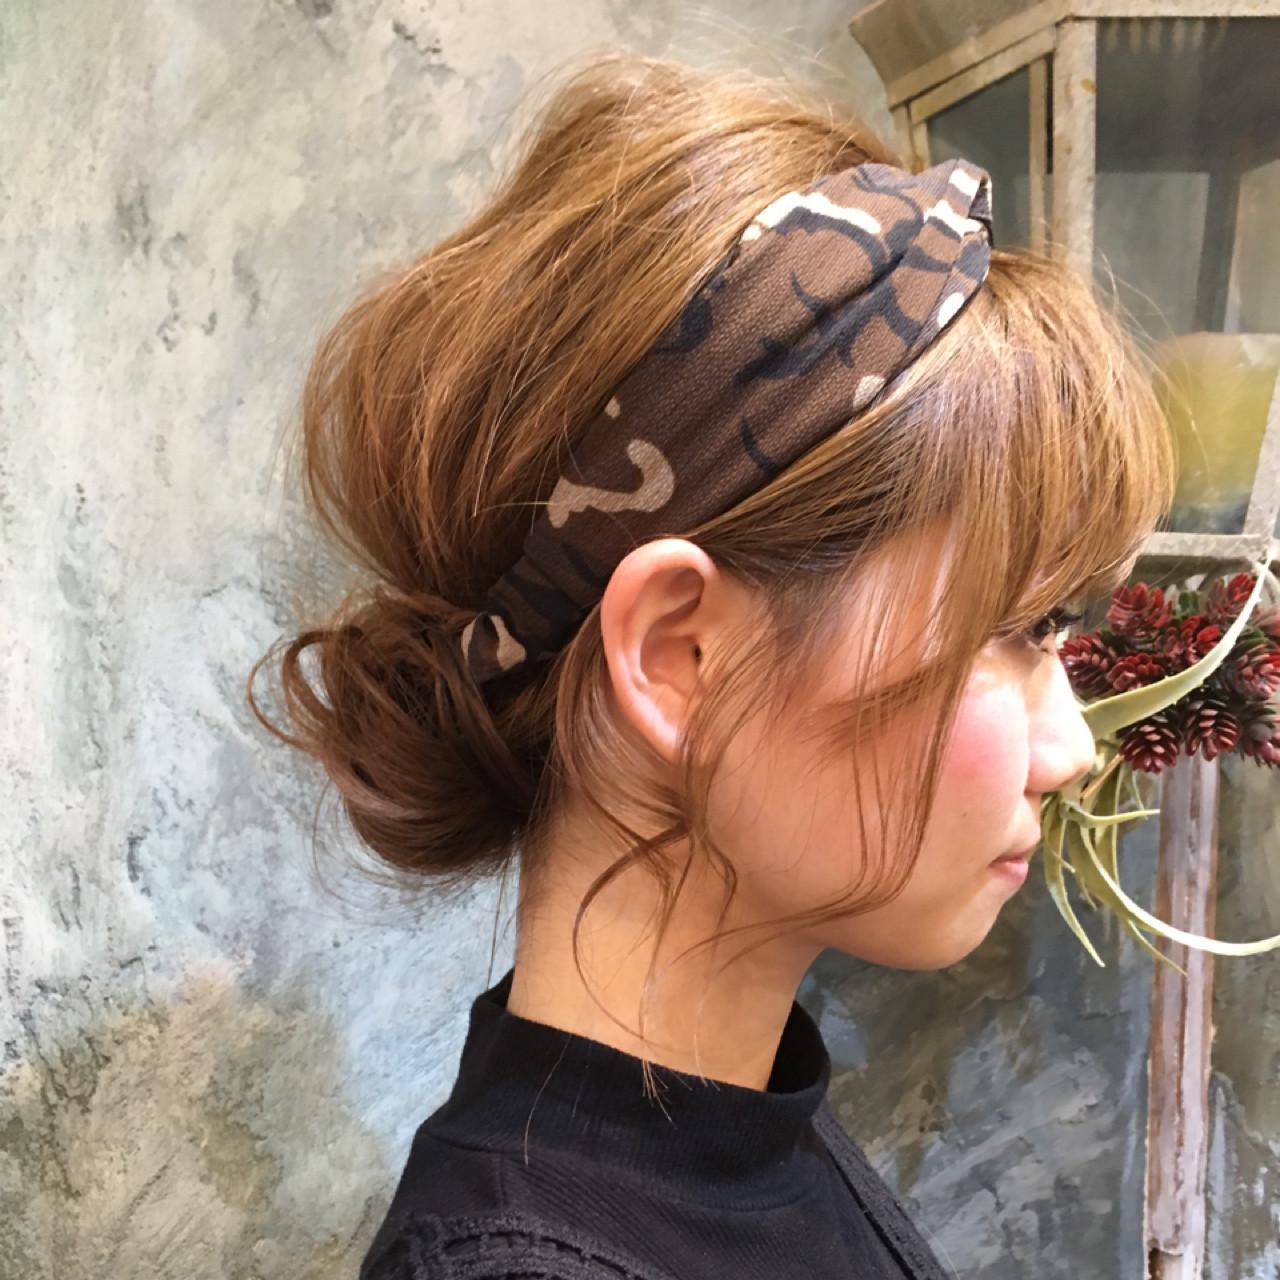 ハーフアップ ミディアム ヘアアレンジ ショート ヘアスタイルや髪型の写真・画像 | 西川 賢一 blast / blast